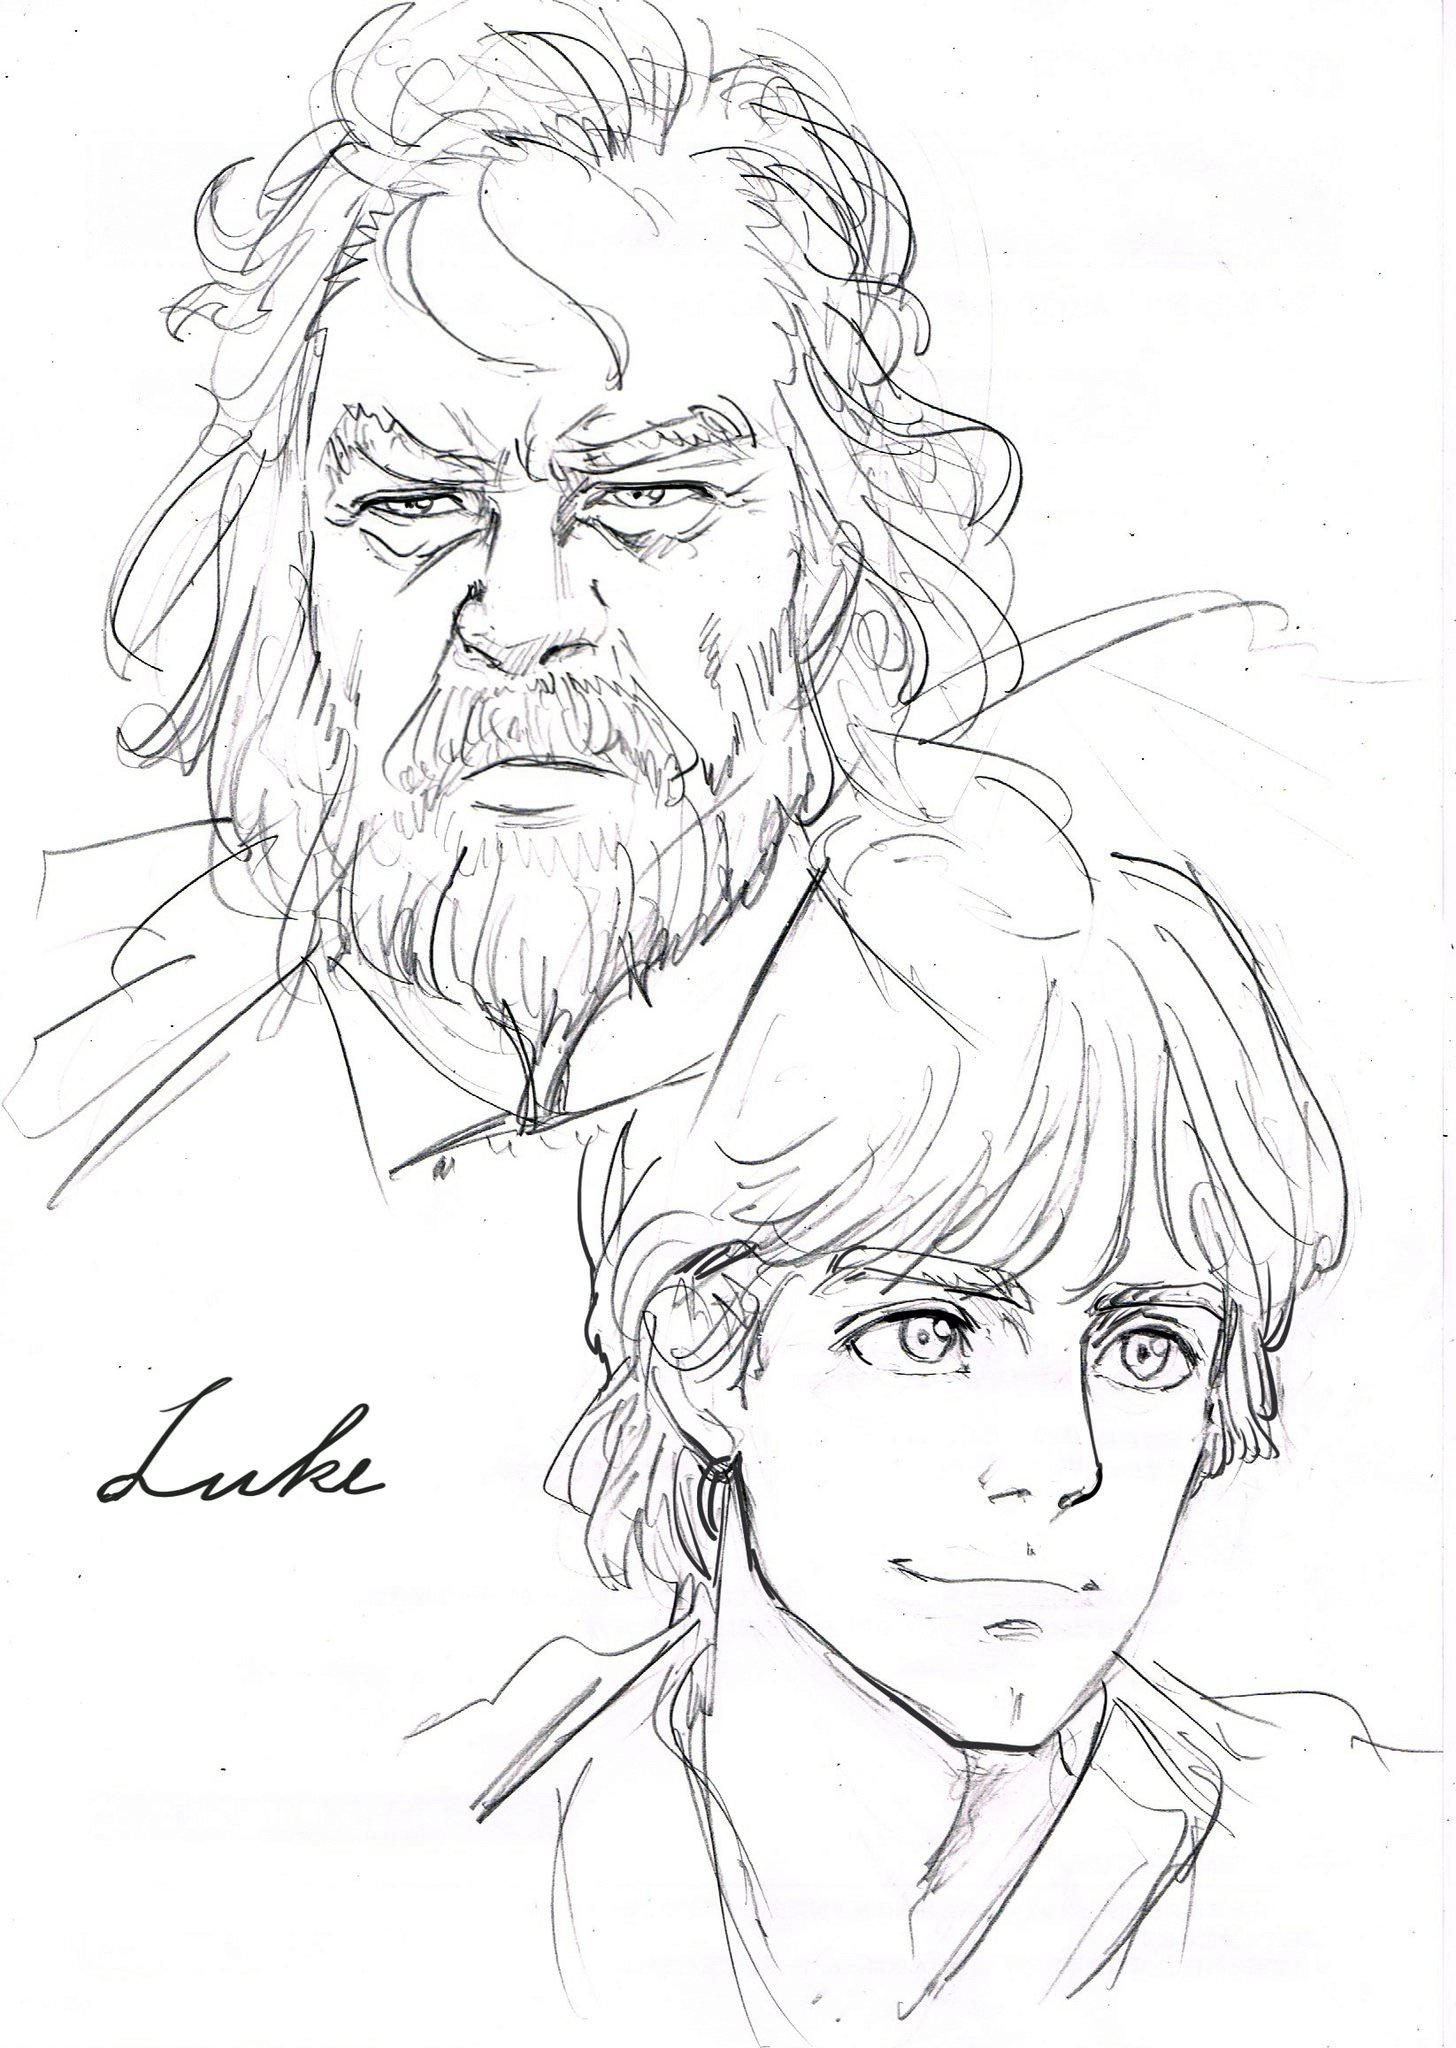 1456x2048 Luke Skywalker Sketch By One Punch Man's Yusuke Murata Starwars